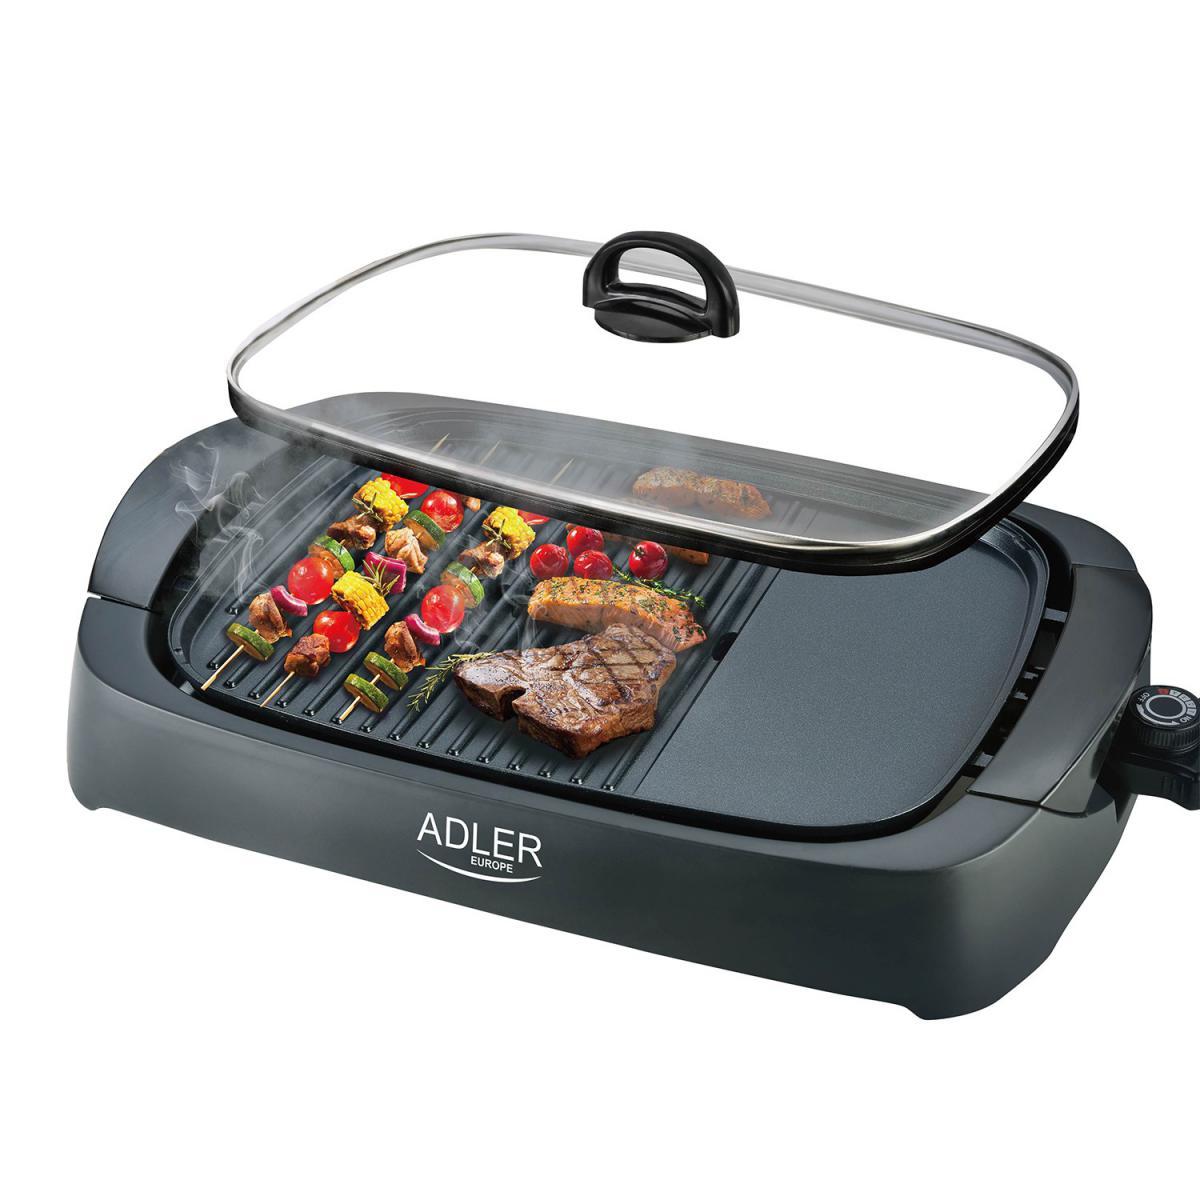 Adler Grill électrique Adler 3000W - Couvercle en verre - 2 zones de cuisson + Spatule